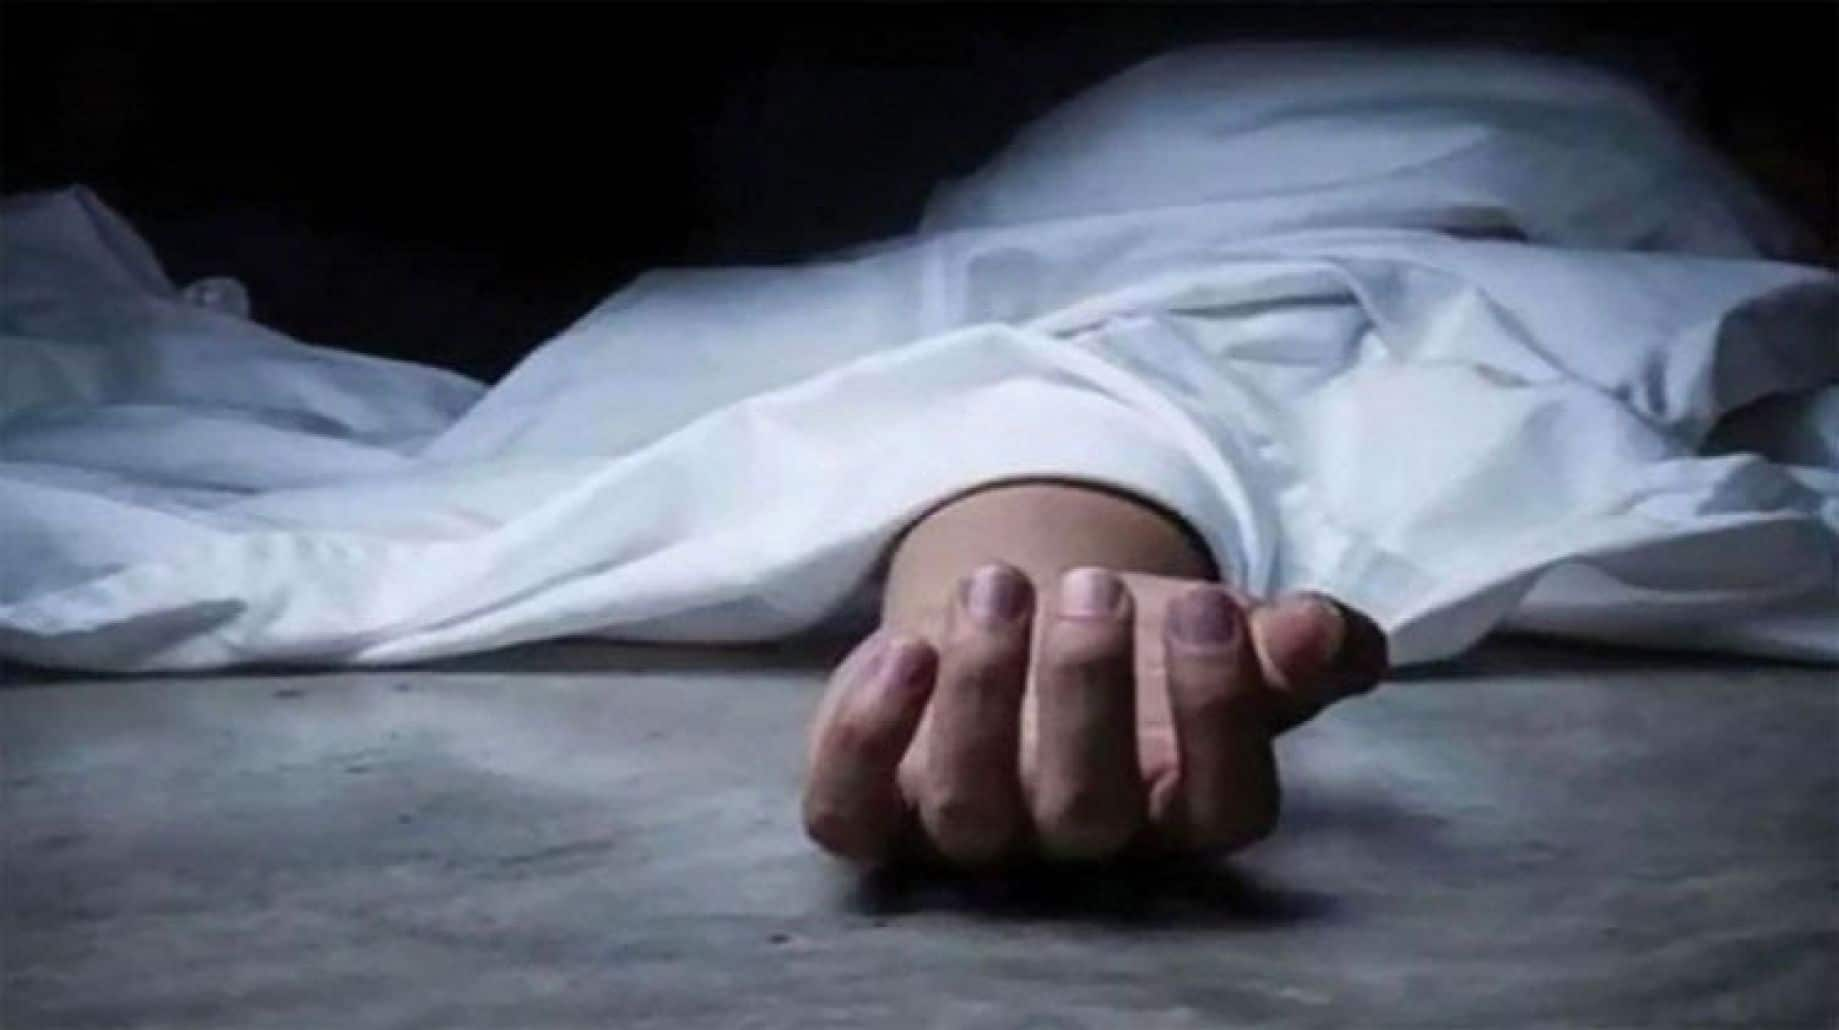 3 أشقاء في العراق يقتلون صديقهم إثر اكتشافهم إقامته علاقة غرامية مع شقيقتهم